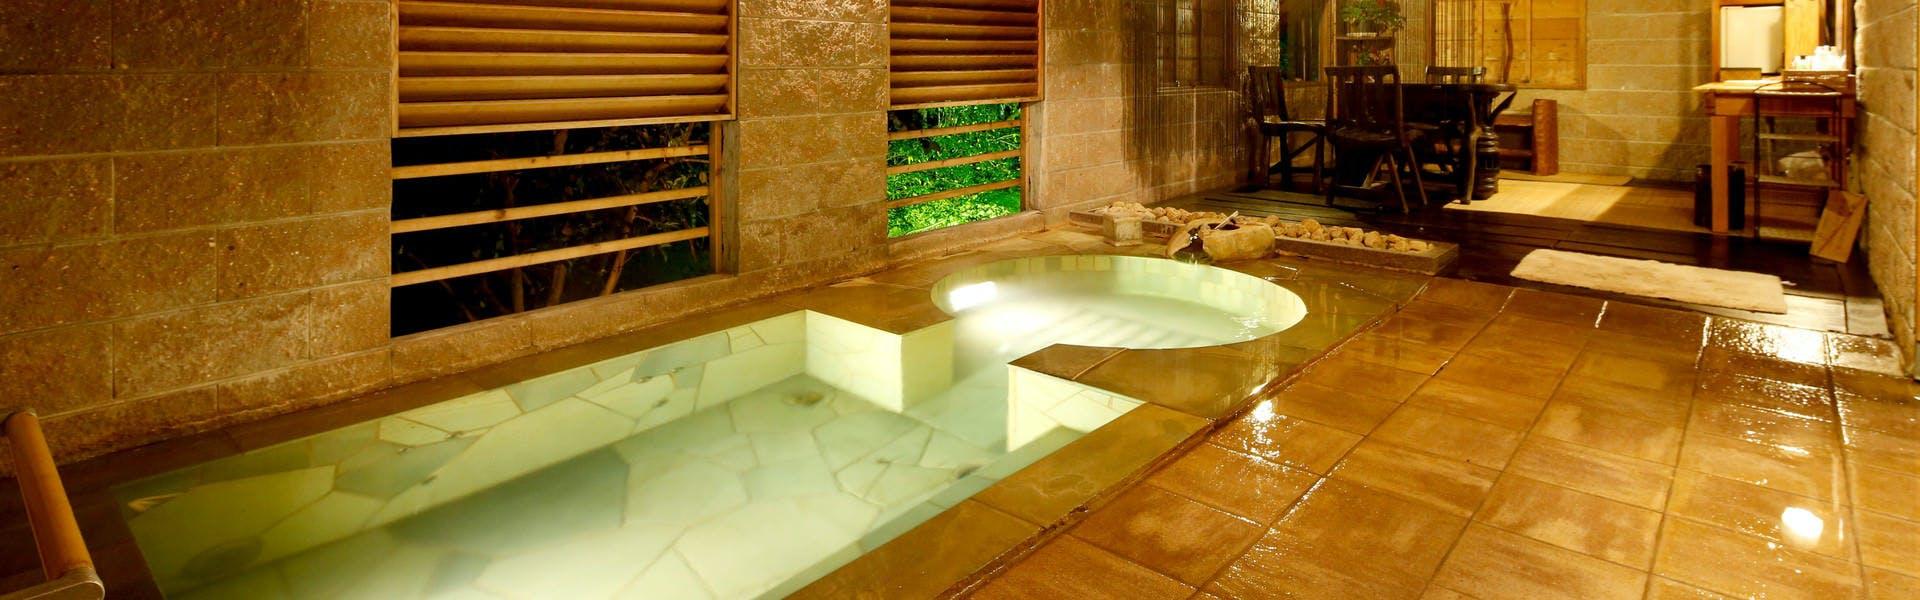 記念日におすすめのホテル・万葉の里 白雲荘の写真2